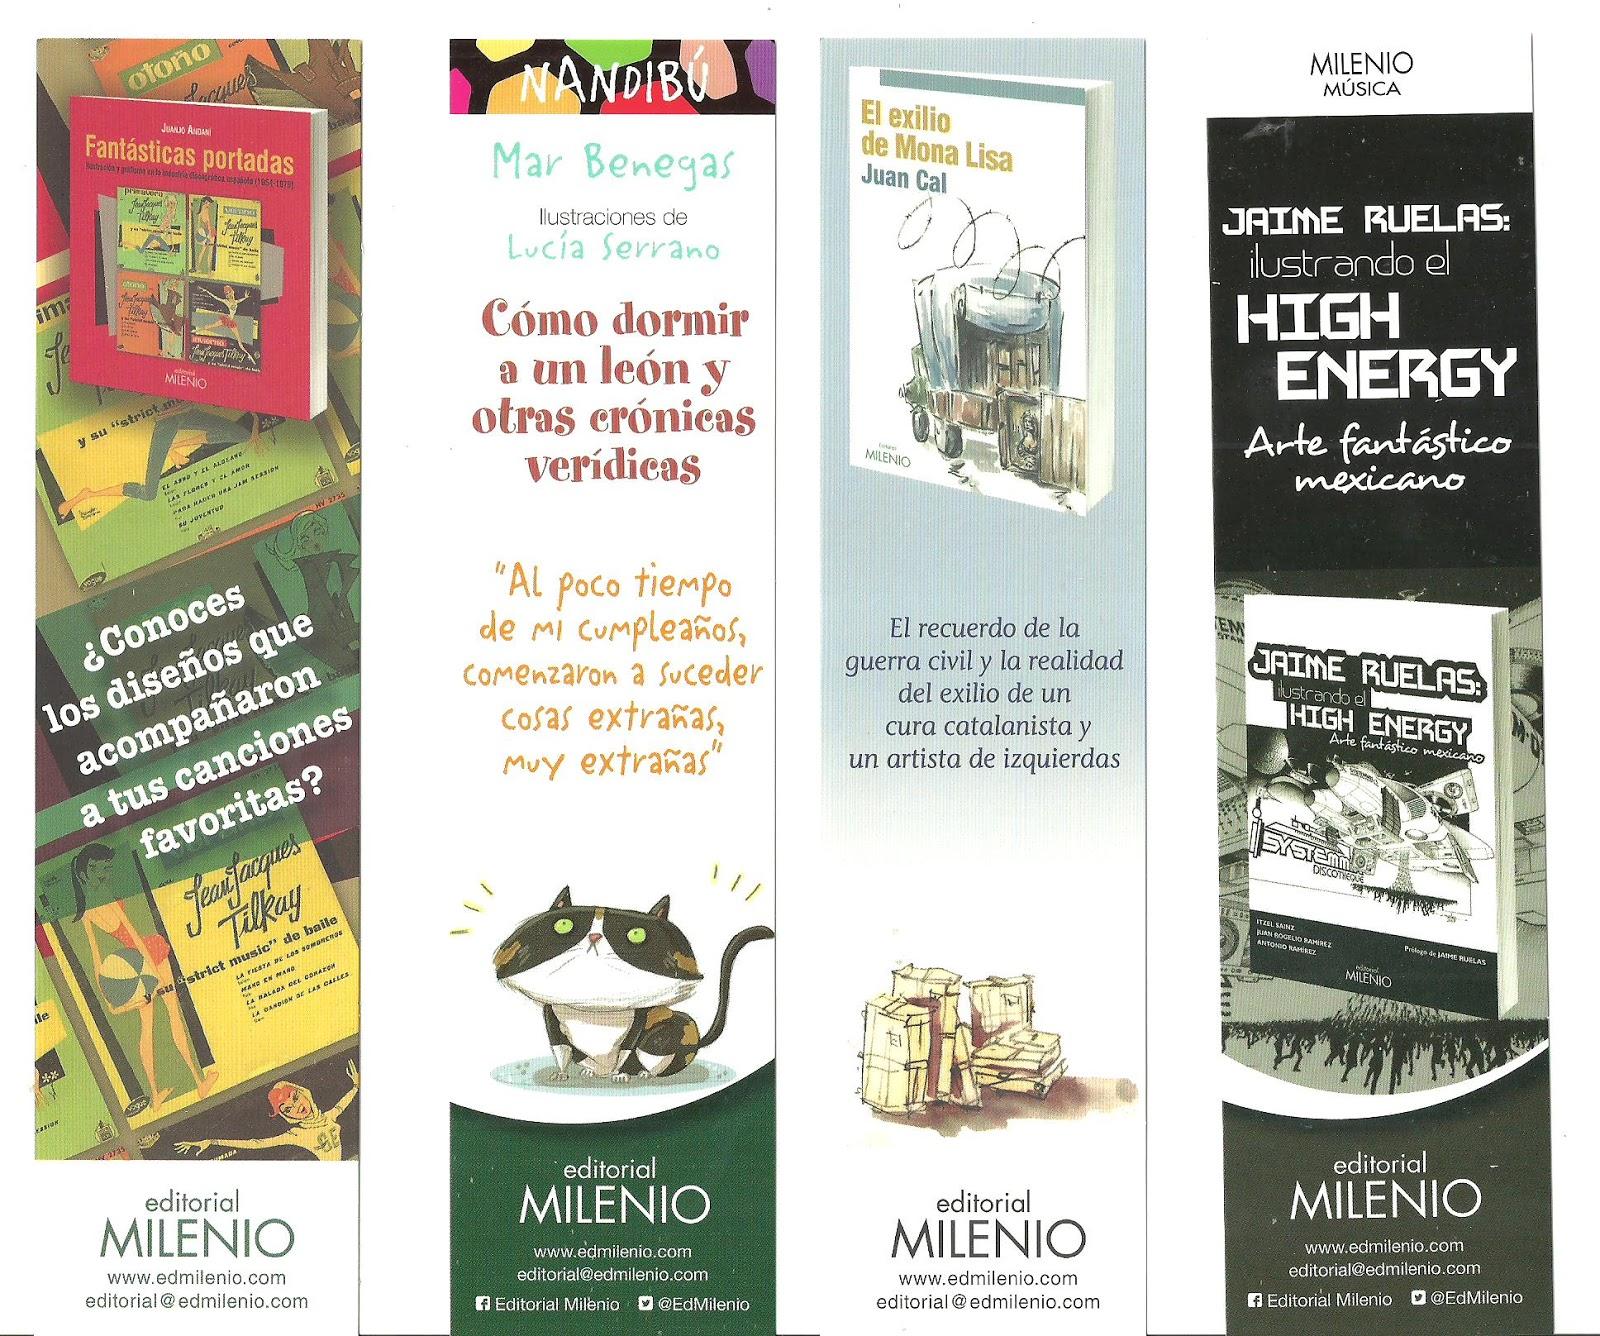 Els punts de llibre editorial milenio for Entradas 4 milenio